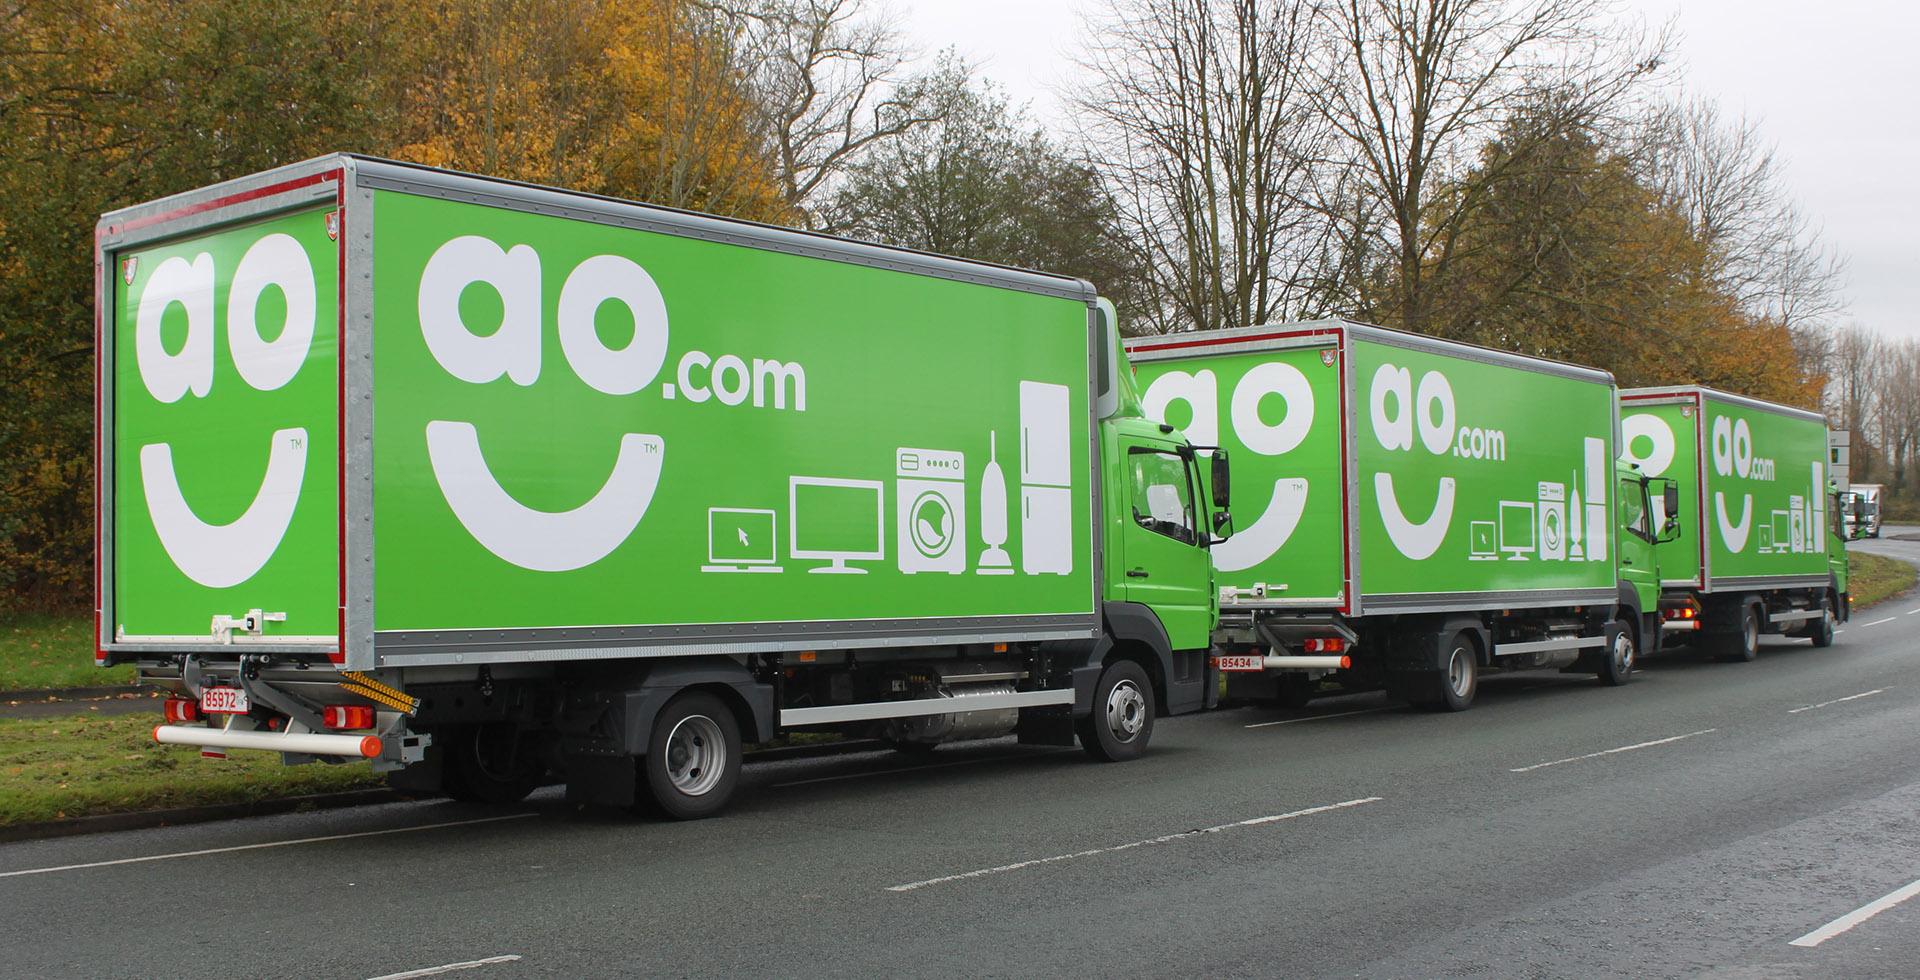 Case study - AO-com appliances online rigid trucks light aerodynamic Mercedes Atego trio lineup